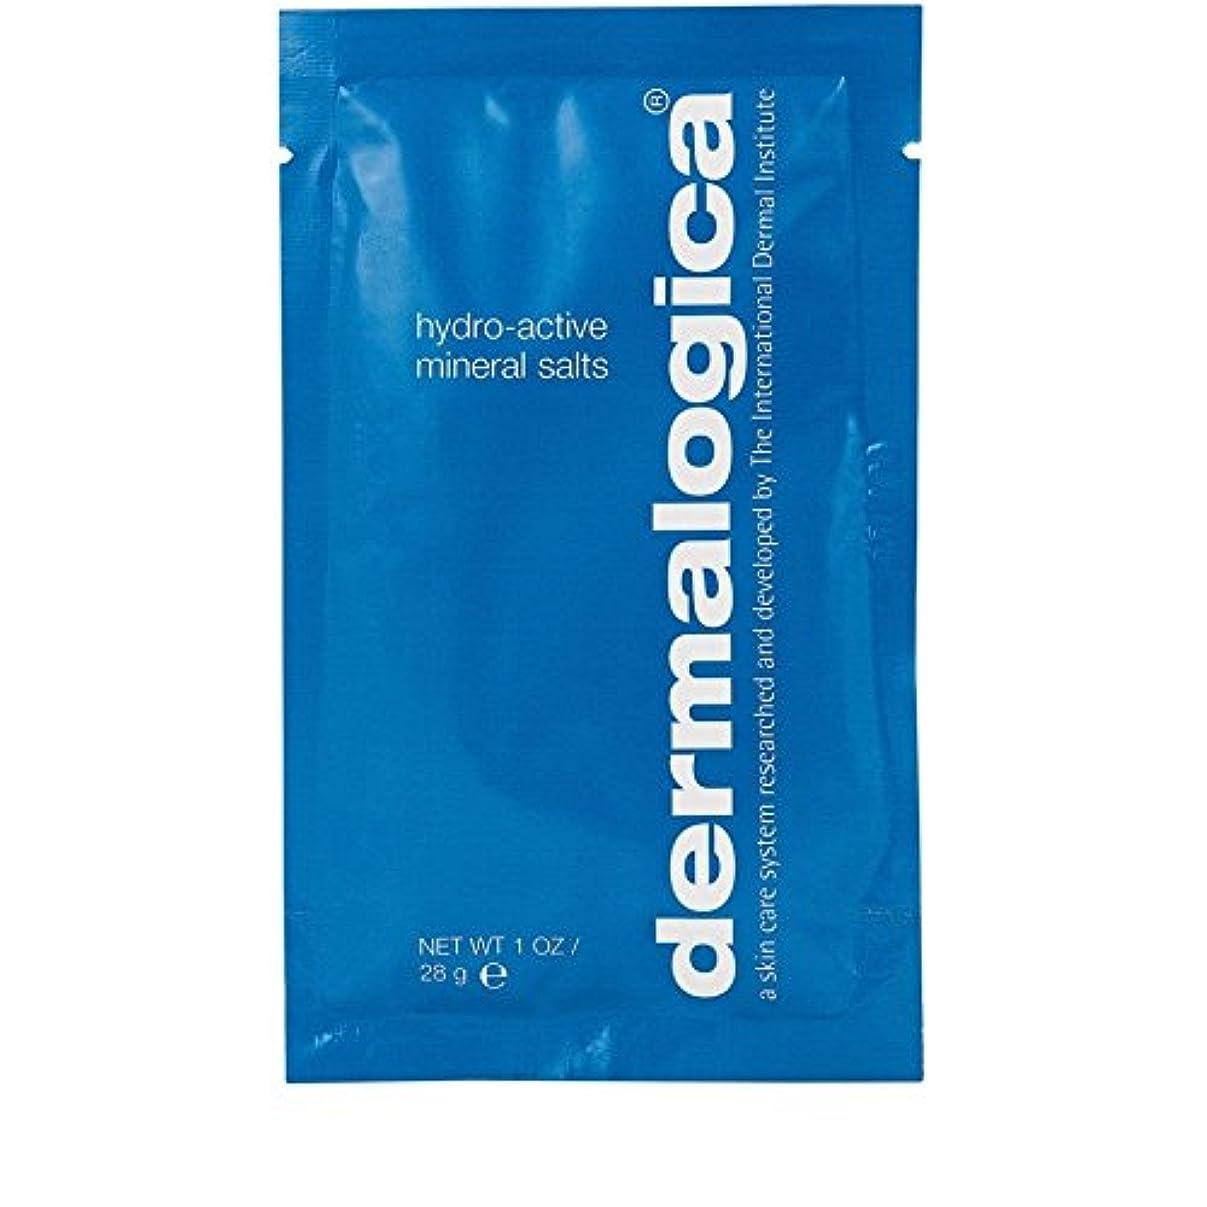 ネイティブ部屋を掃除する炭水化物ダーマロジカ水力アクティブミネラル塩28グラム x4 - Dermalogica Hydro Active Mineral Salt 28g (Pack of 4) [並行輸入品]